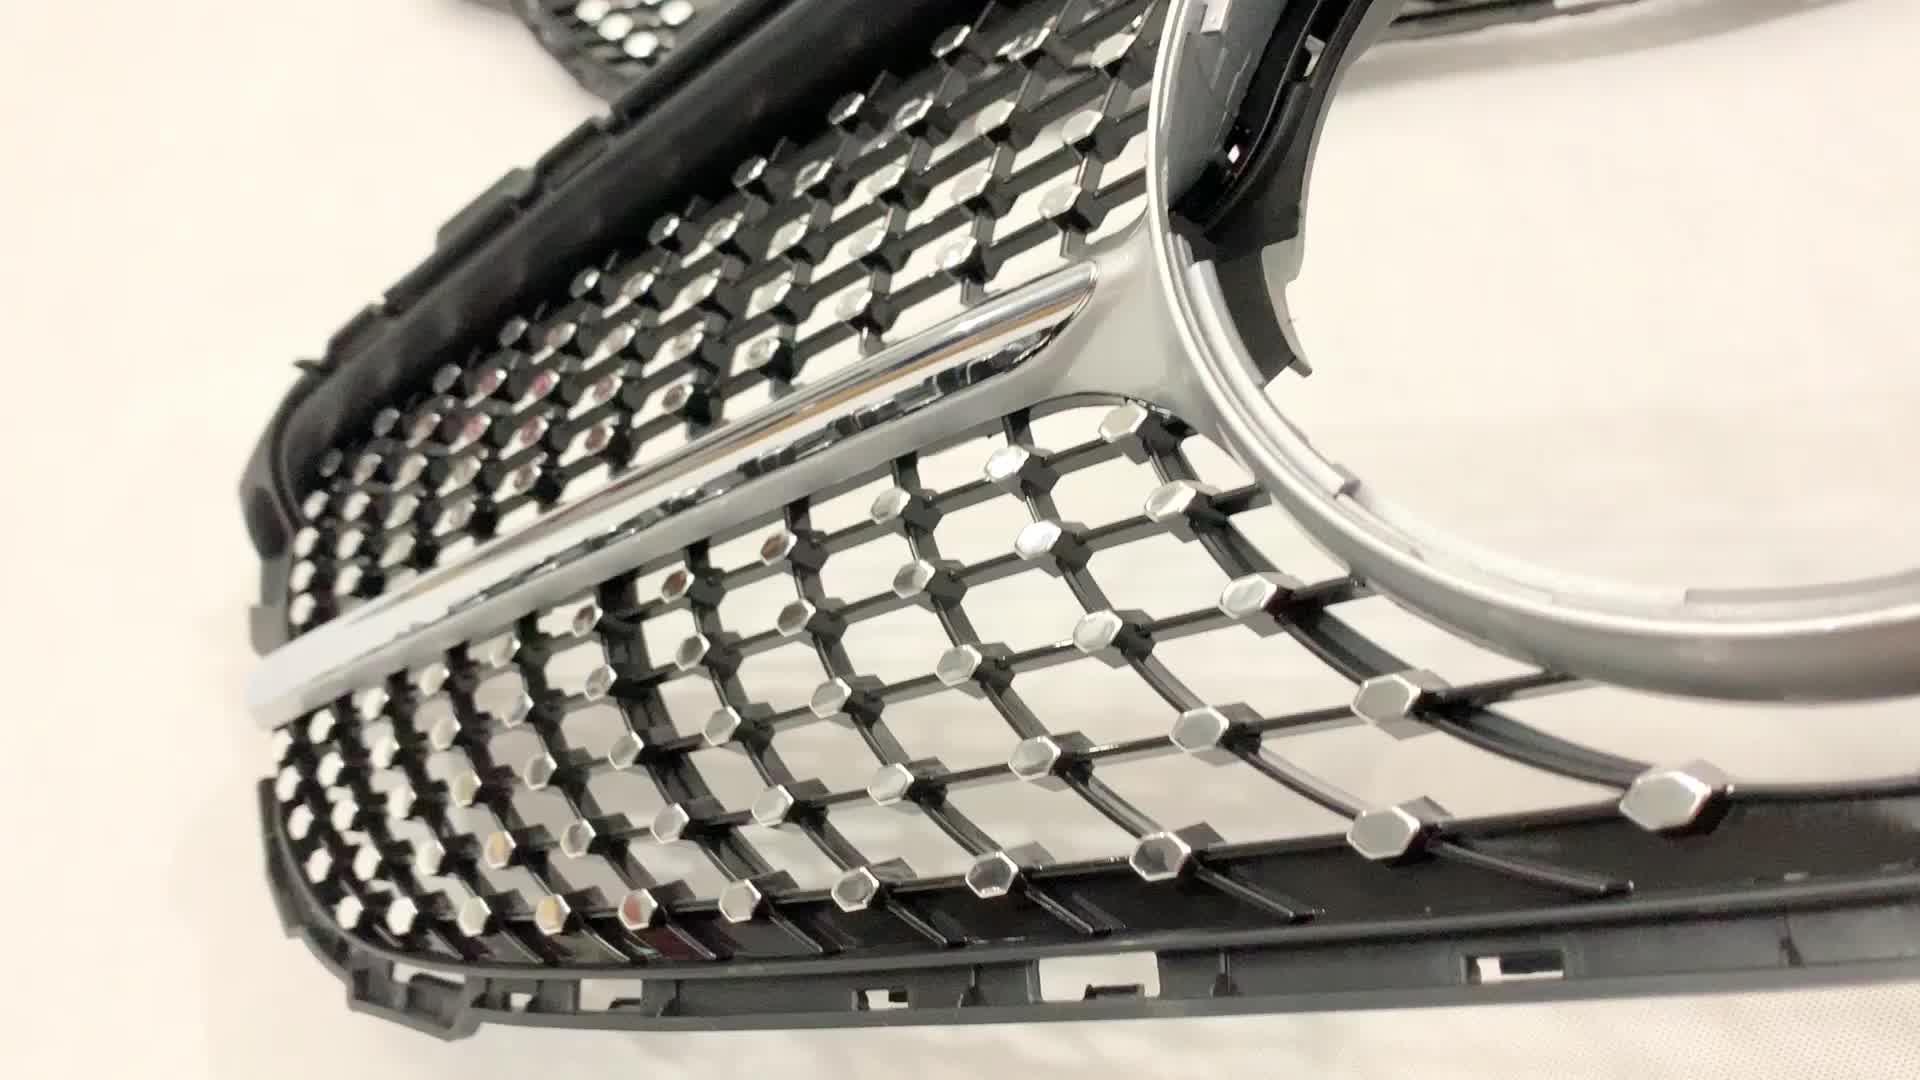 RTS 、ベンツ w205 C クラスグリルの変更にメルセデスベンツ W205 ダイヤモンドスタイルシルバー高 guality 一般的なフロントグリル